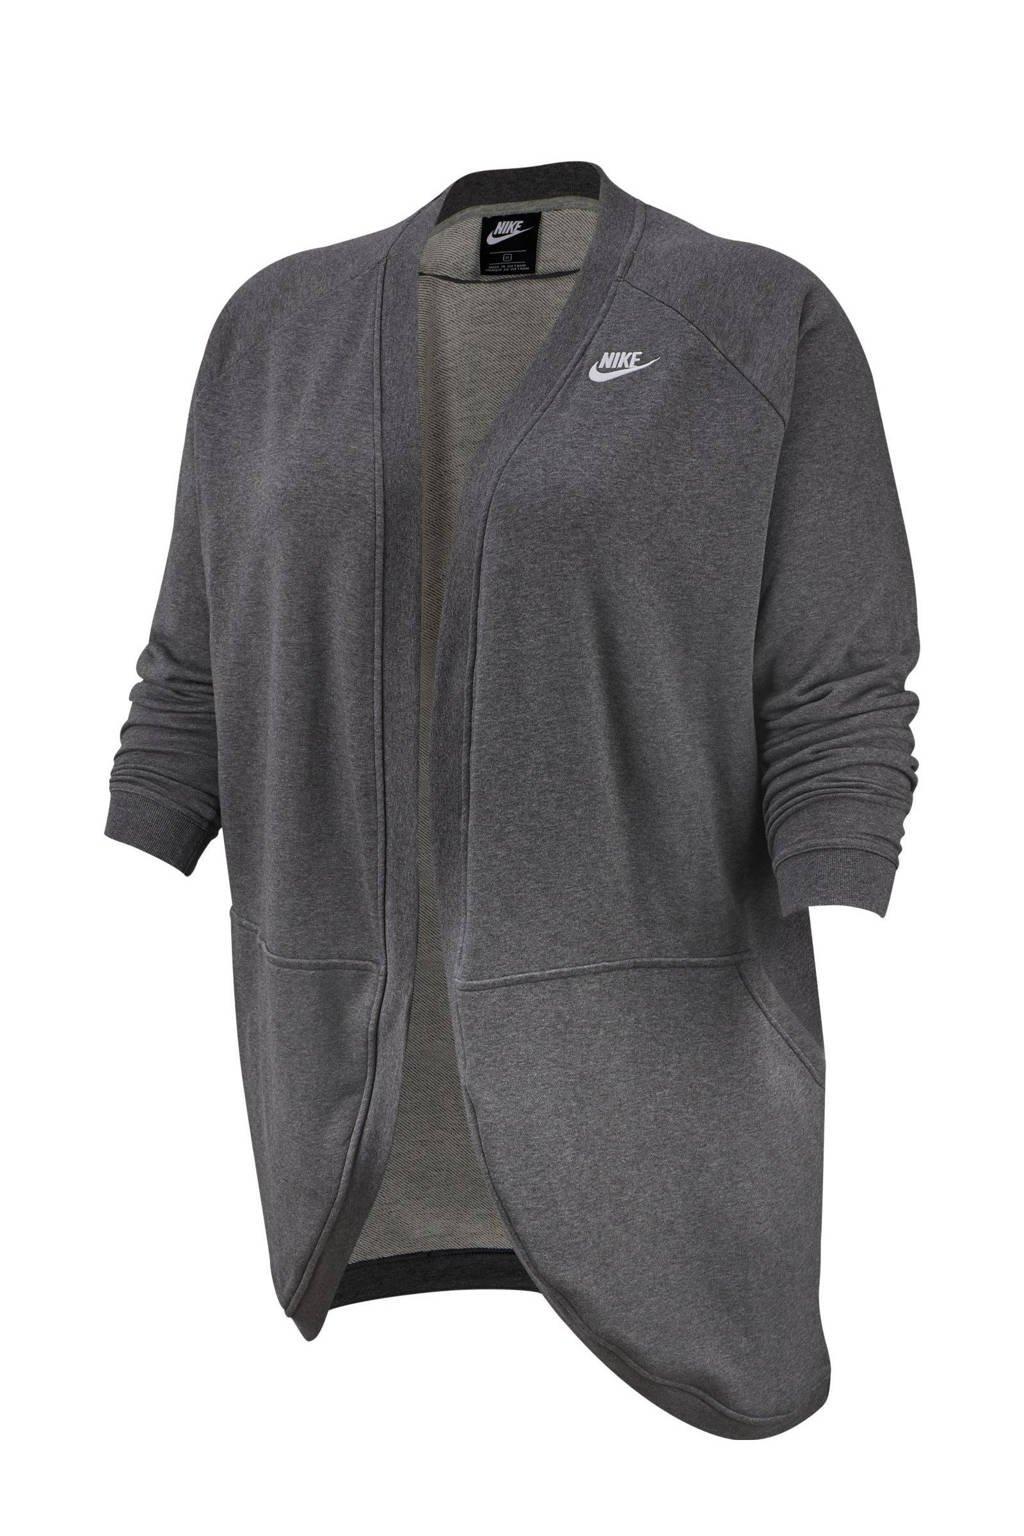 Nike vest grijs, Grijs